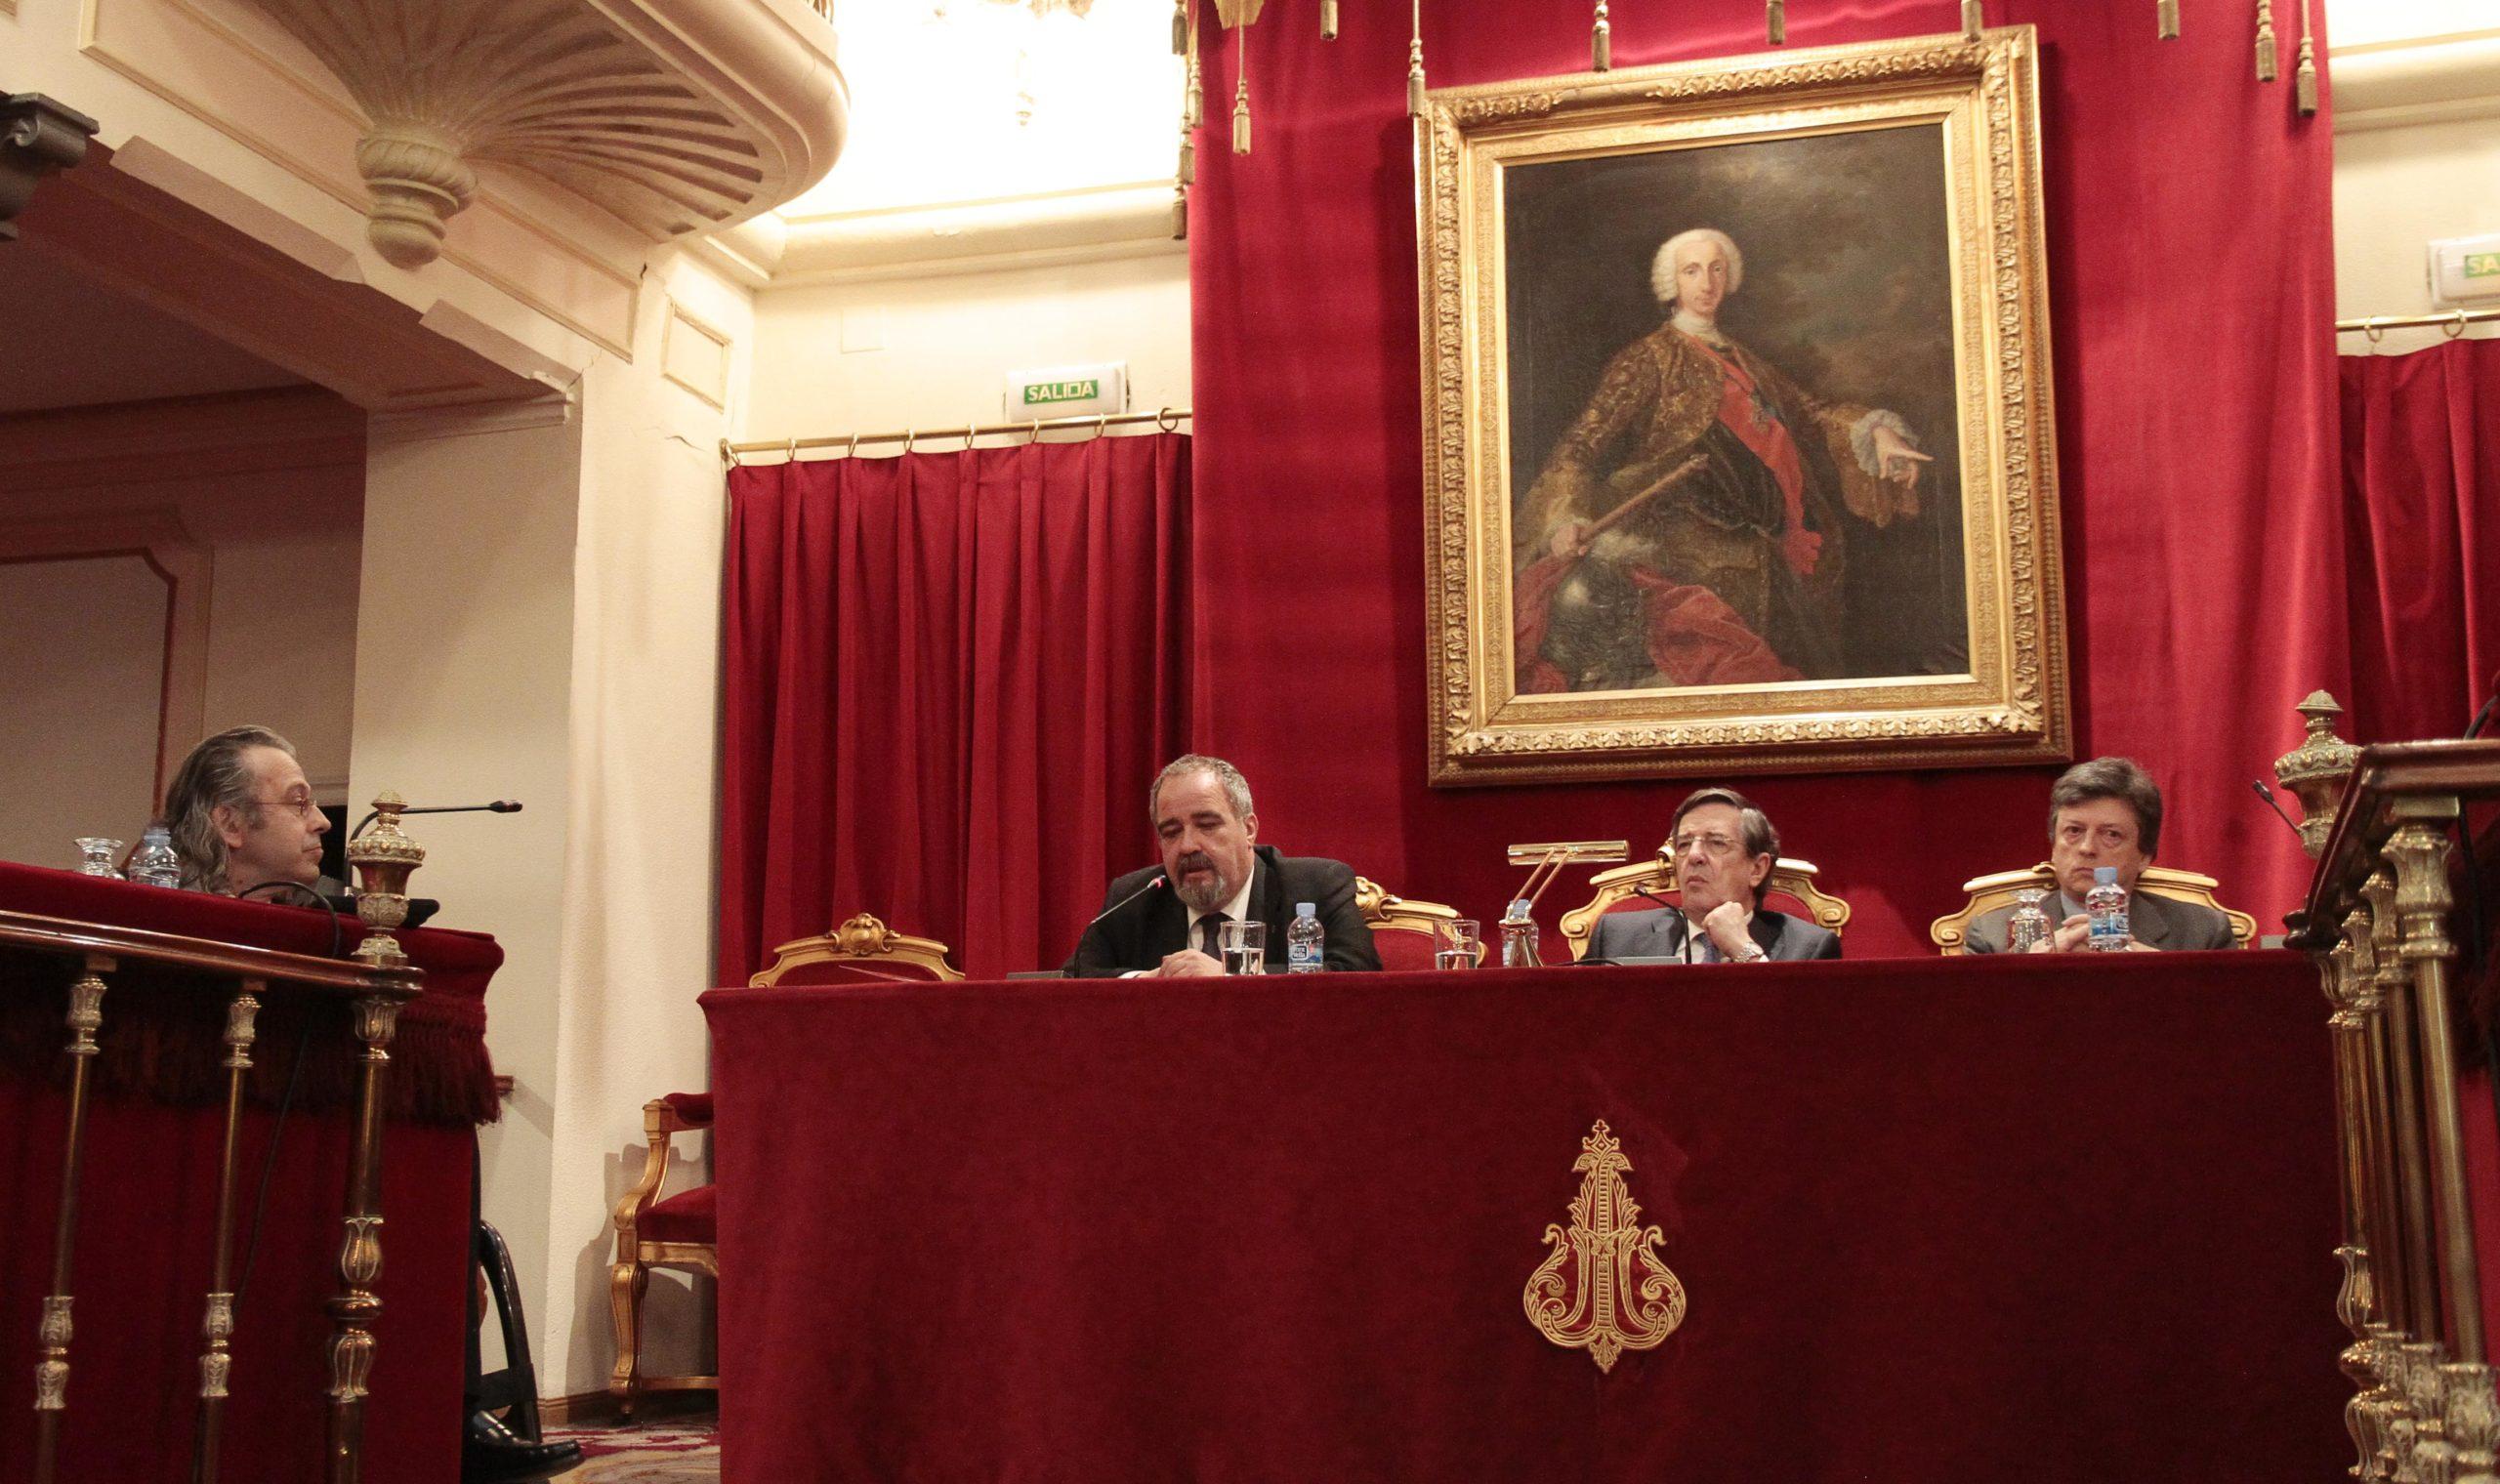 De izquierda a derecha, Juan Carlos Ramiro, José Muelas, Andrés de la Oliva y Javier de la Cueva. Confilegal.